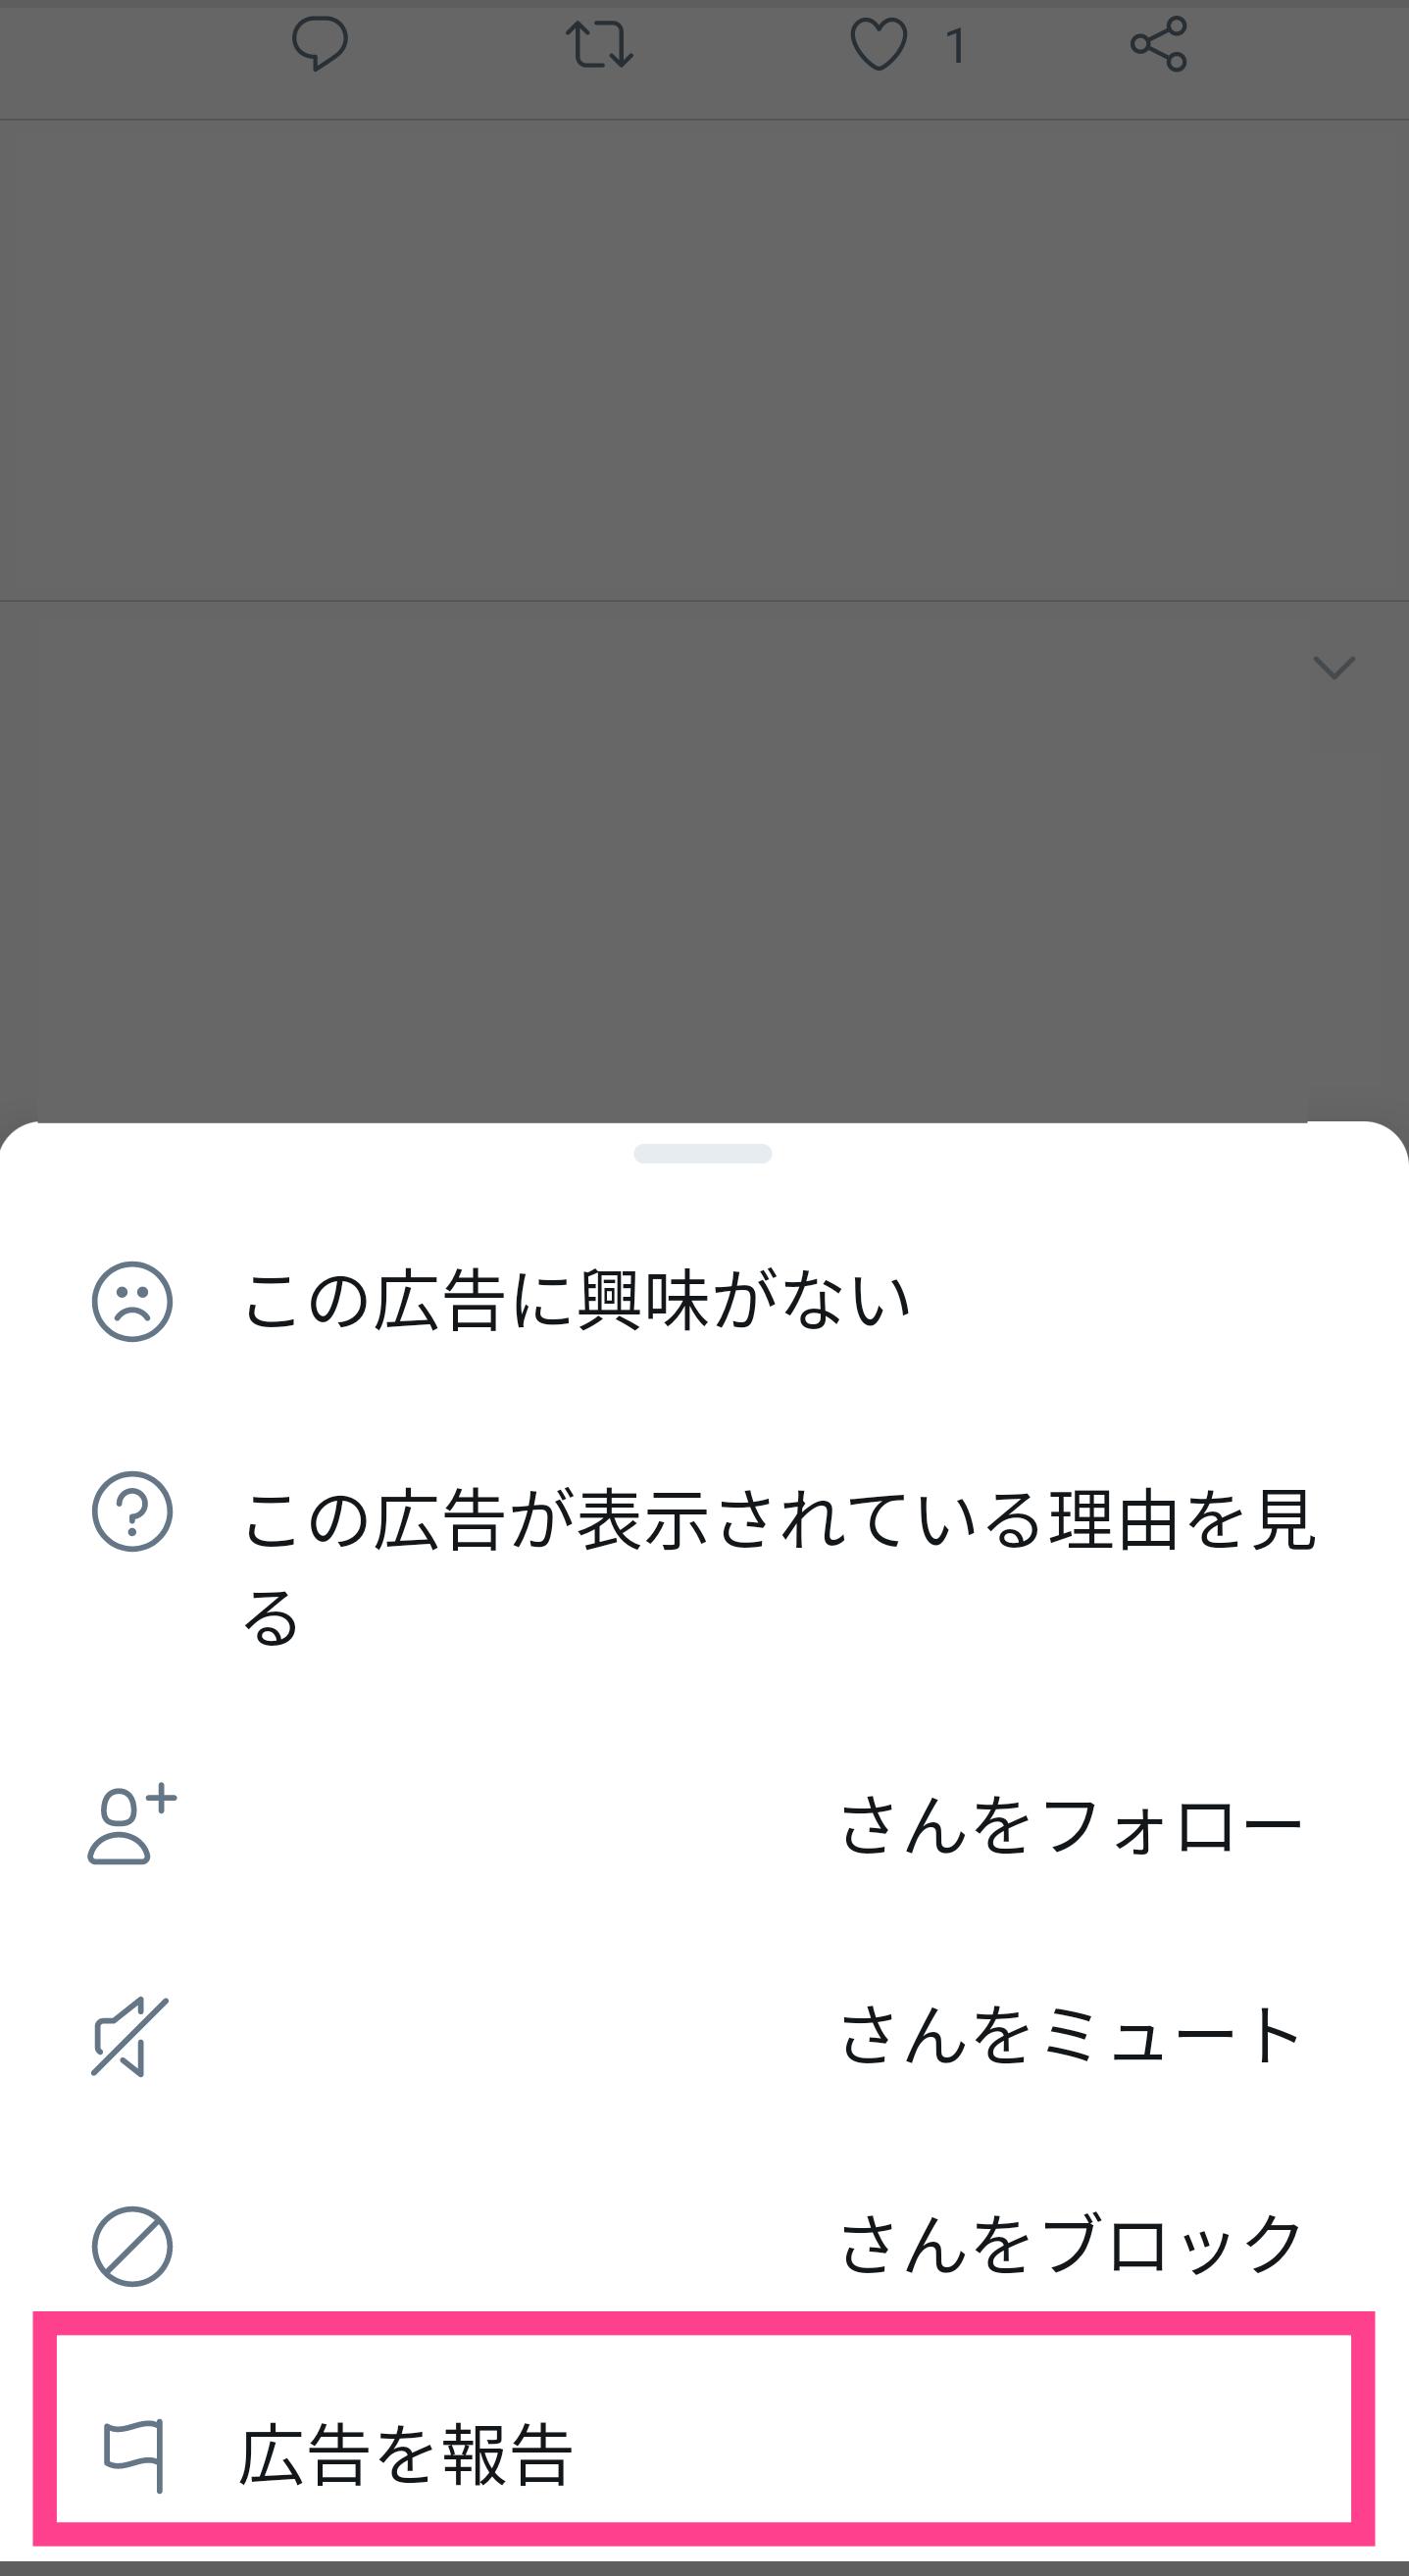 Twitter-広告を報告